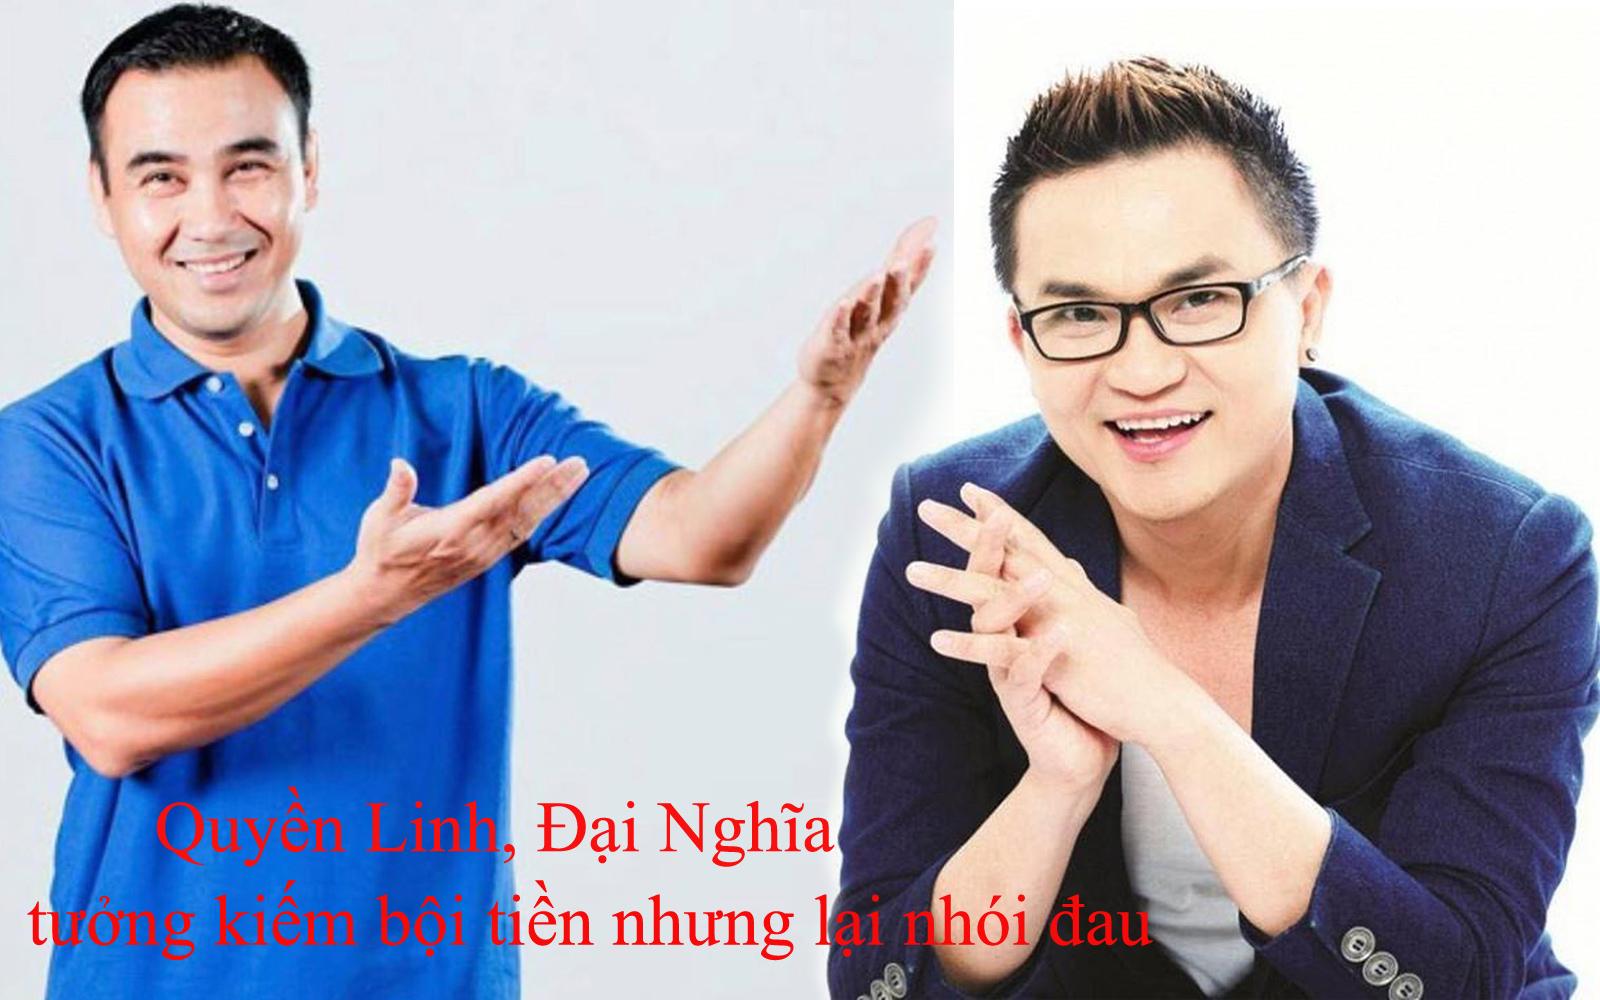 Góc khuất nghề MC: Quyền Linh, Đại Nghĩa tưởng kiếm bộn tiền nhưng lại nhói đau - 1